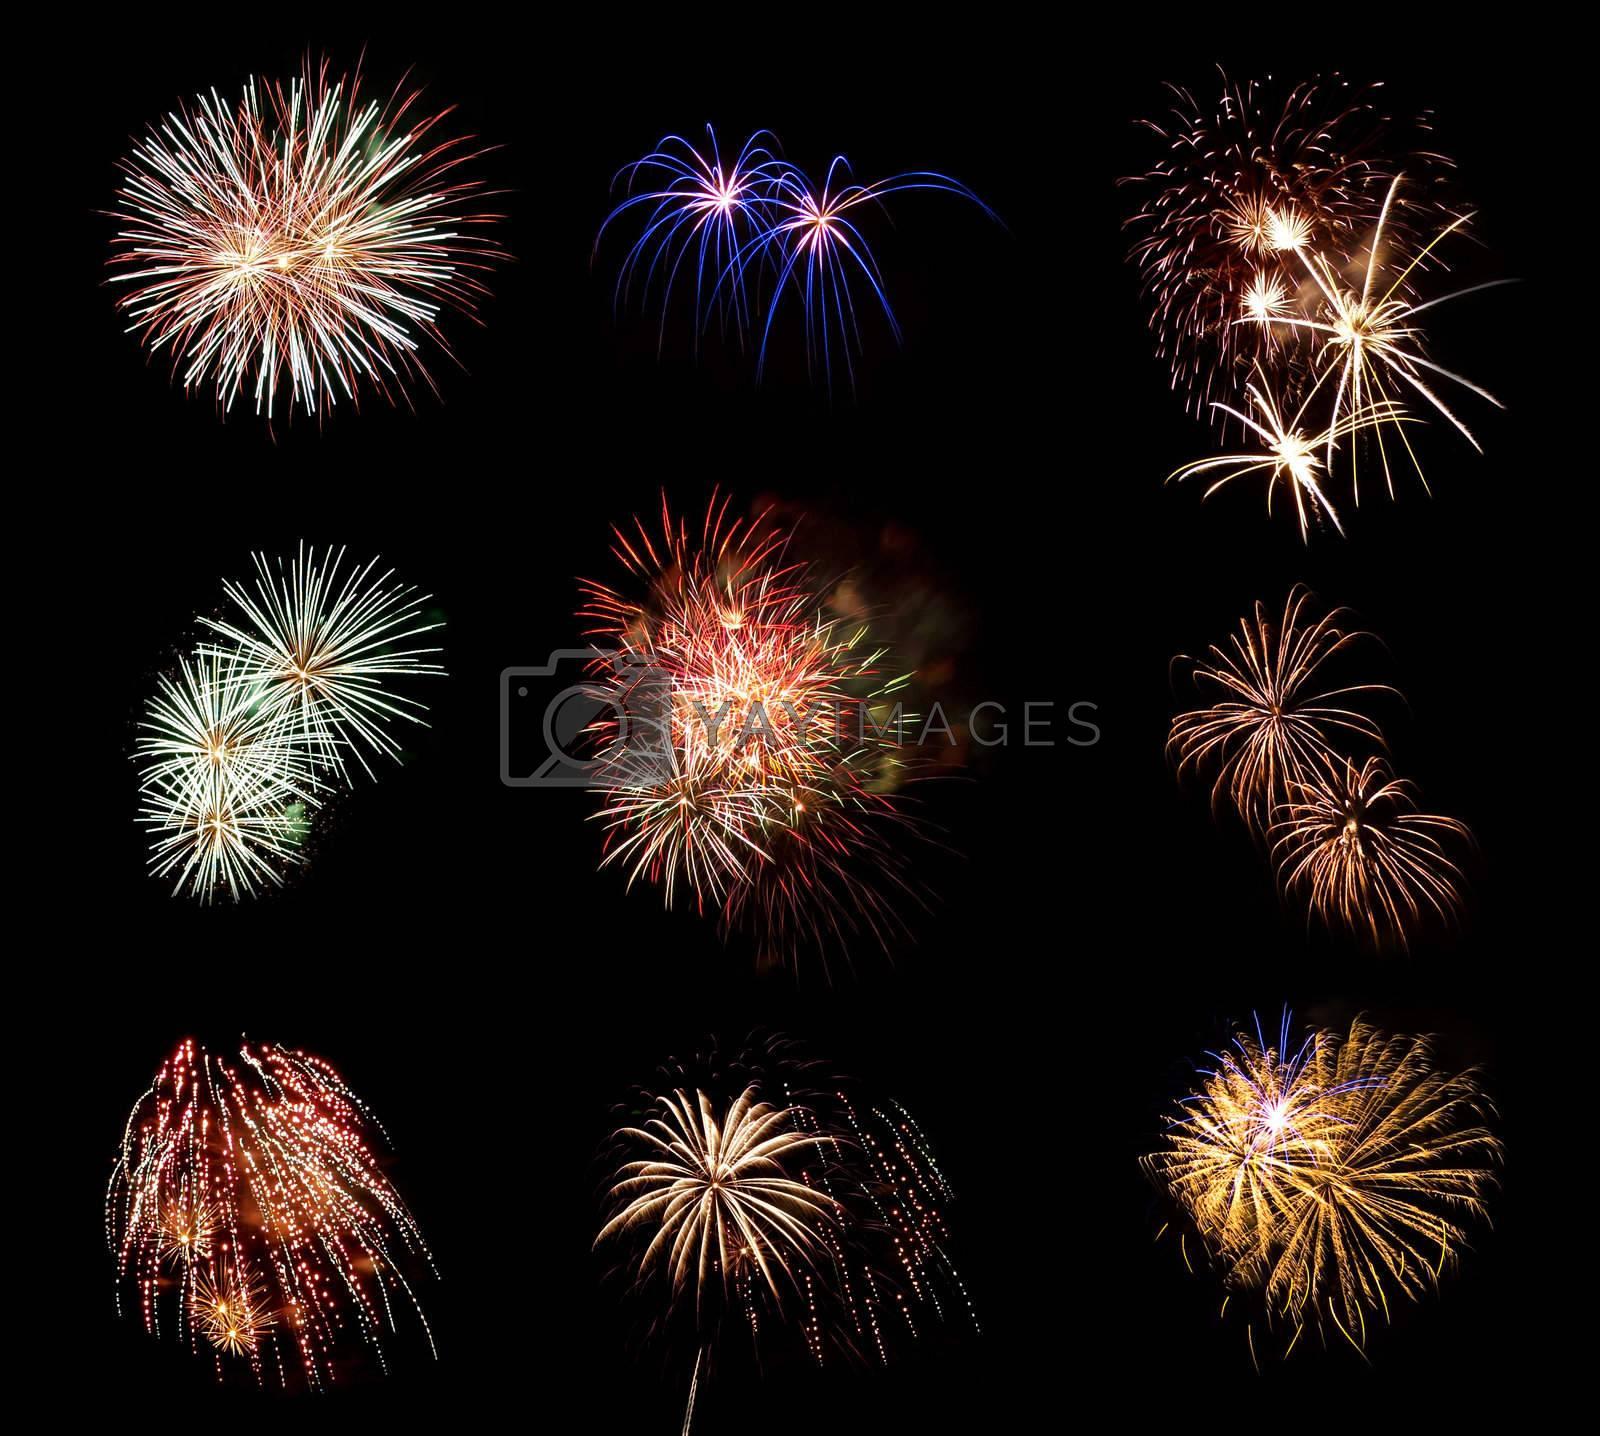 Compilation of Fireworks Against a Black Sky